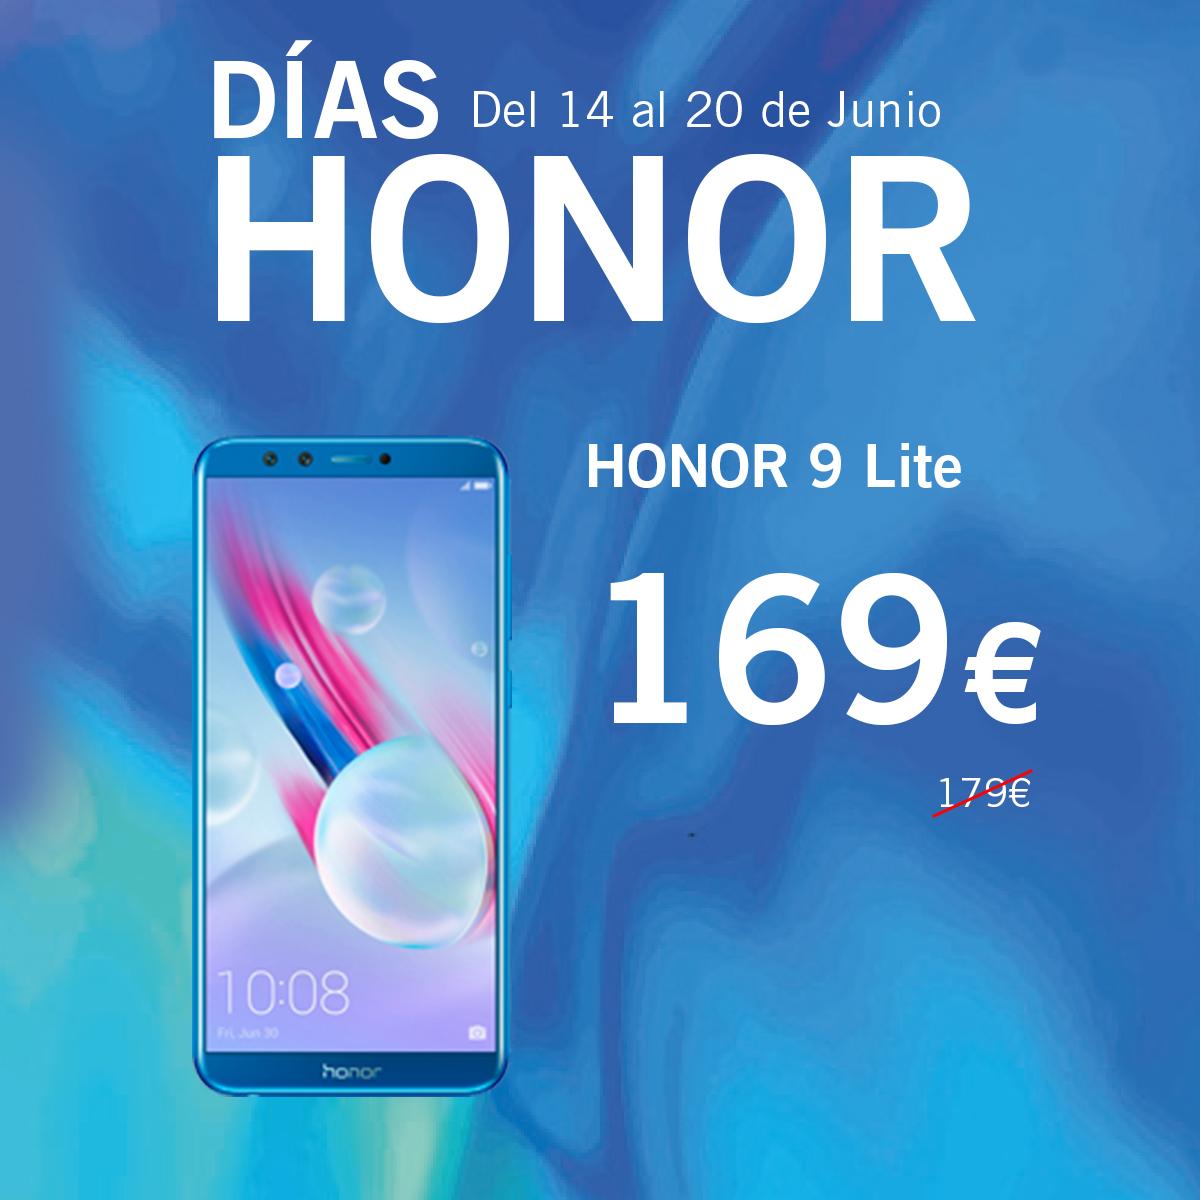 Días Honor (2)